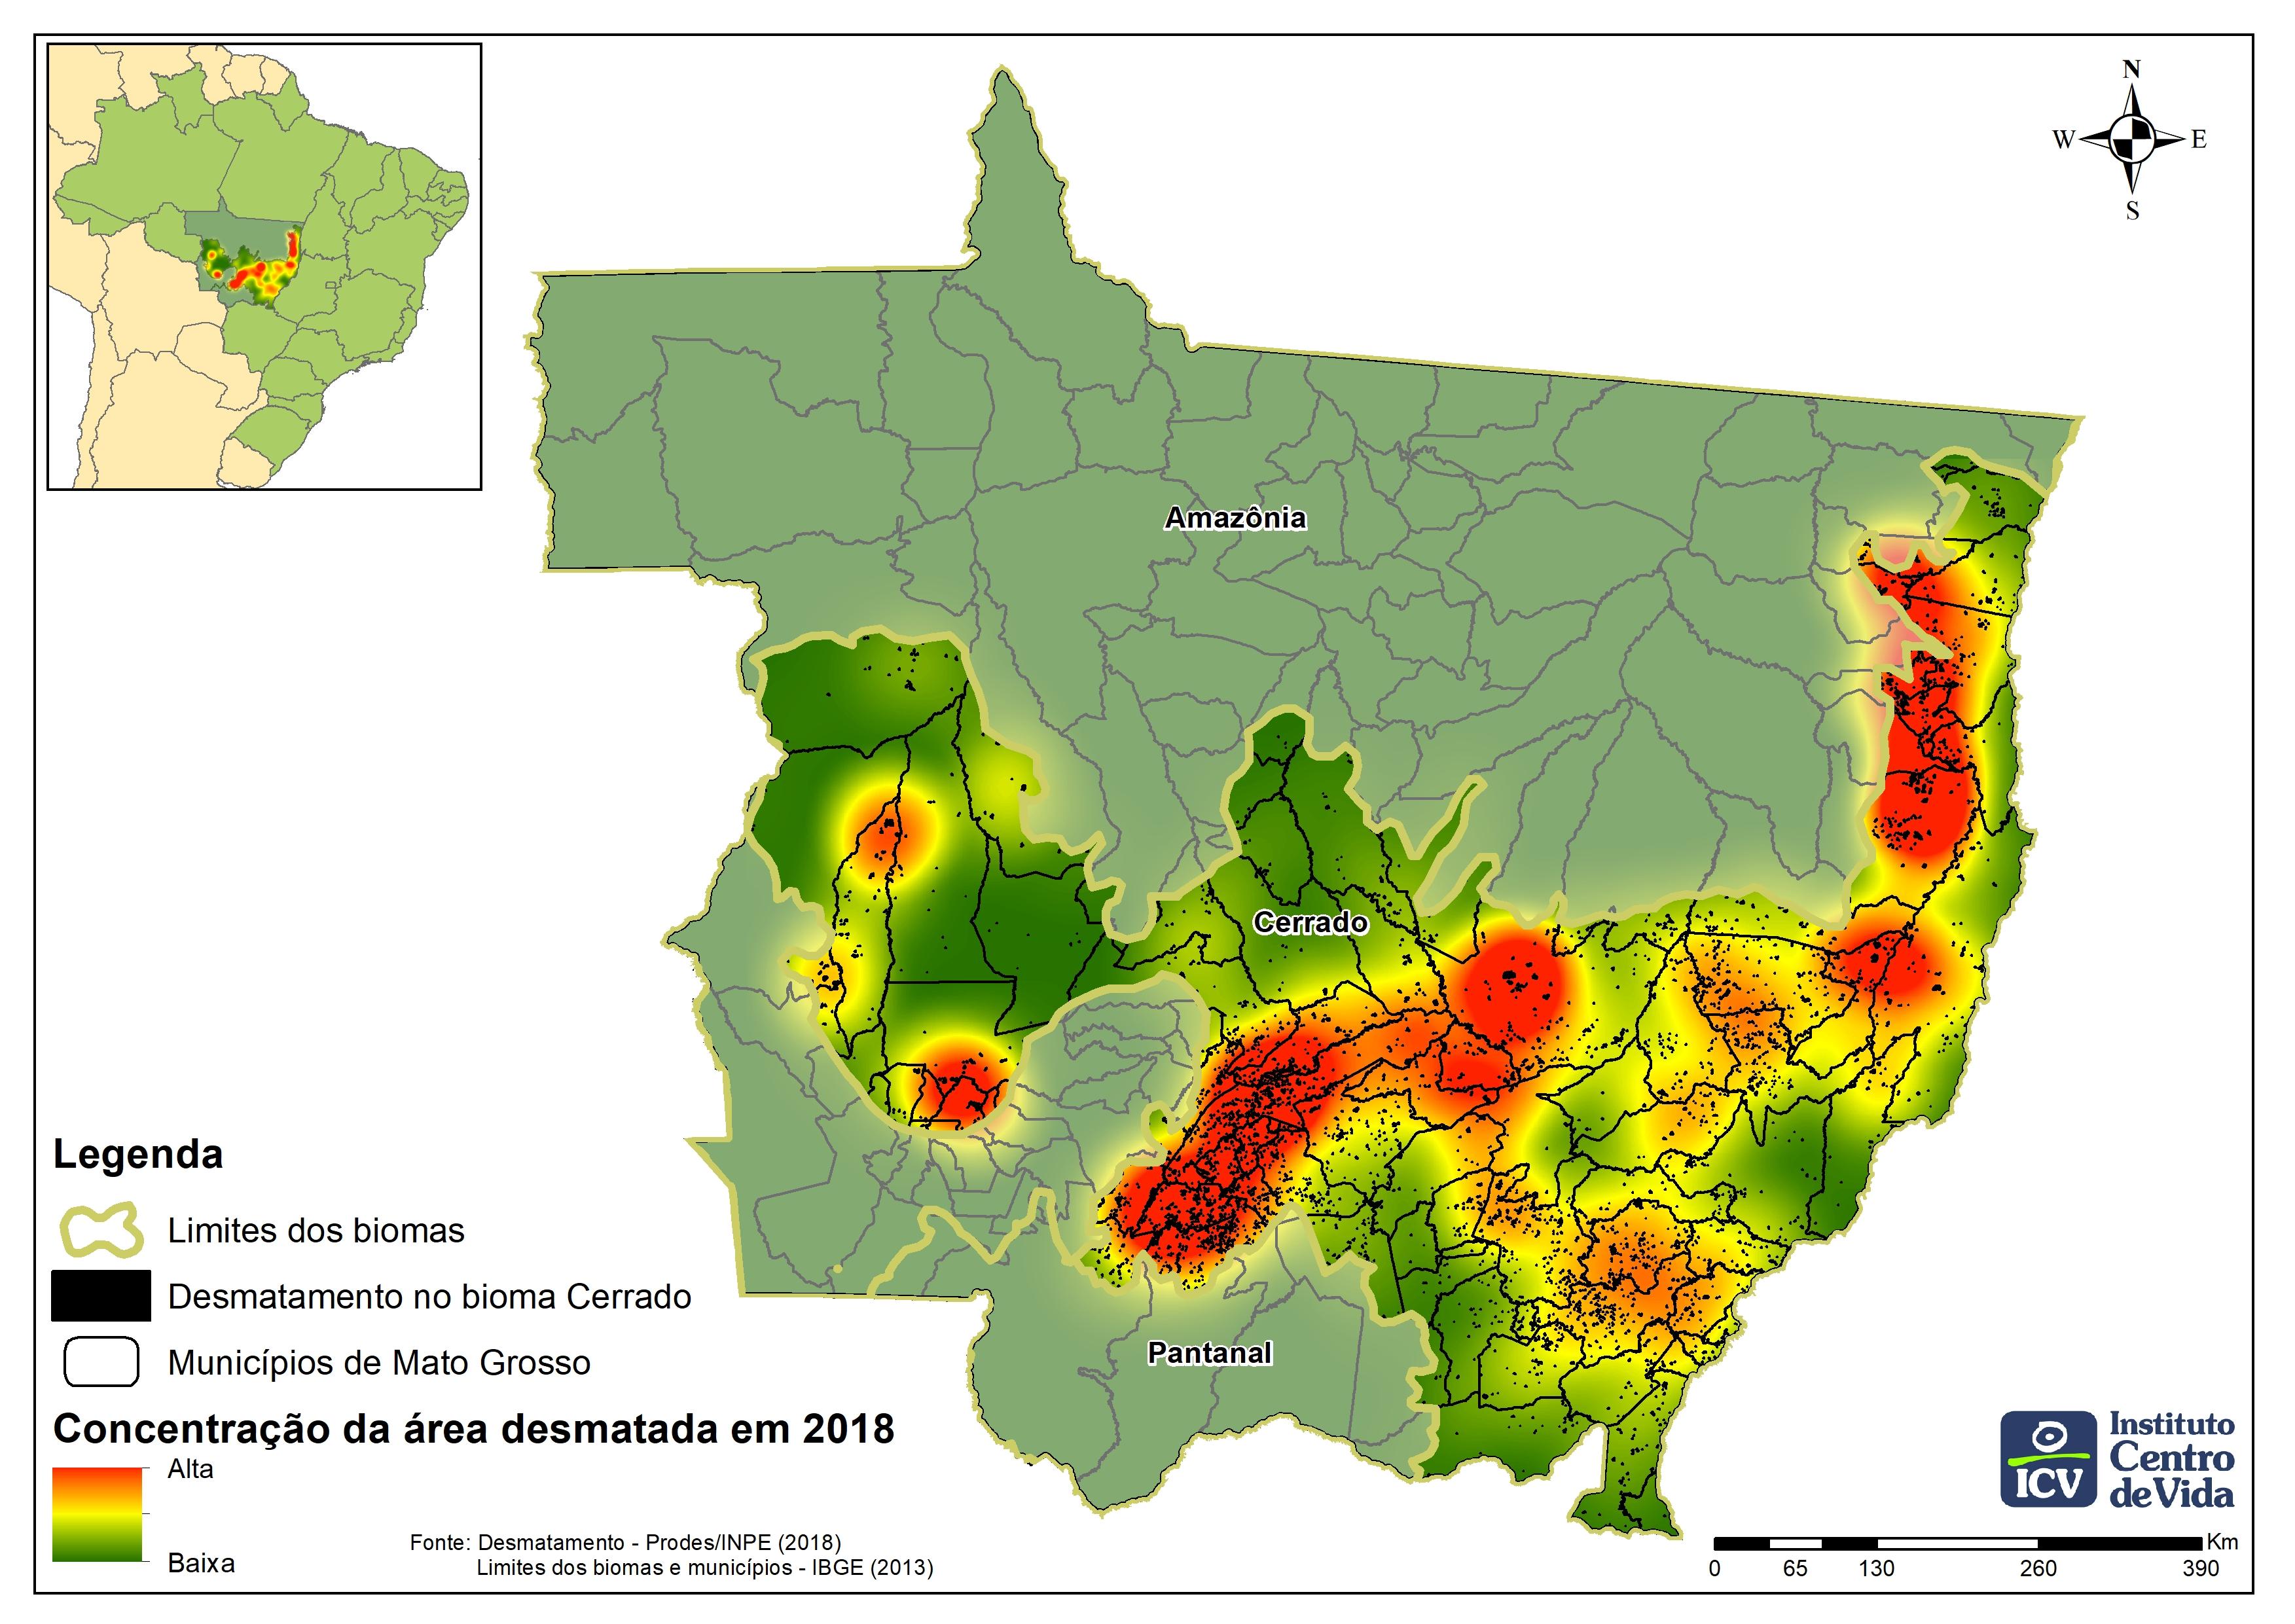 Mapa verde fosco de Mato Grosso destacando a área do Cerrado em verde brilhoso com as áreas de desmatamento marcadas em amarelo, laranja e vermelho, conforme a concentração.